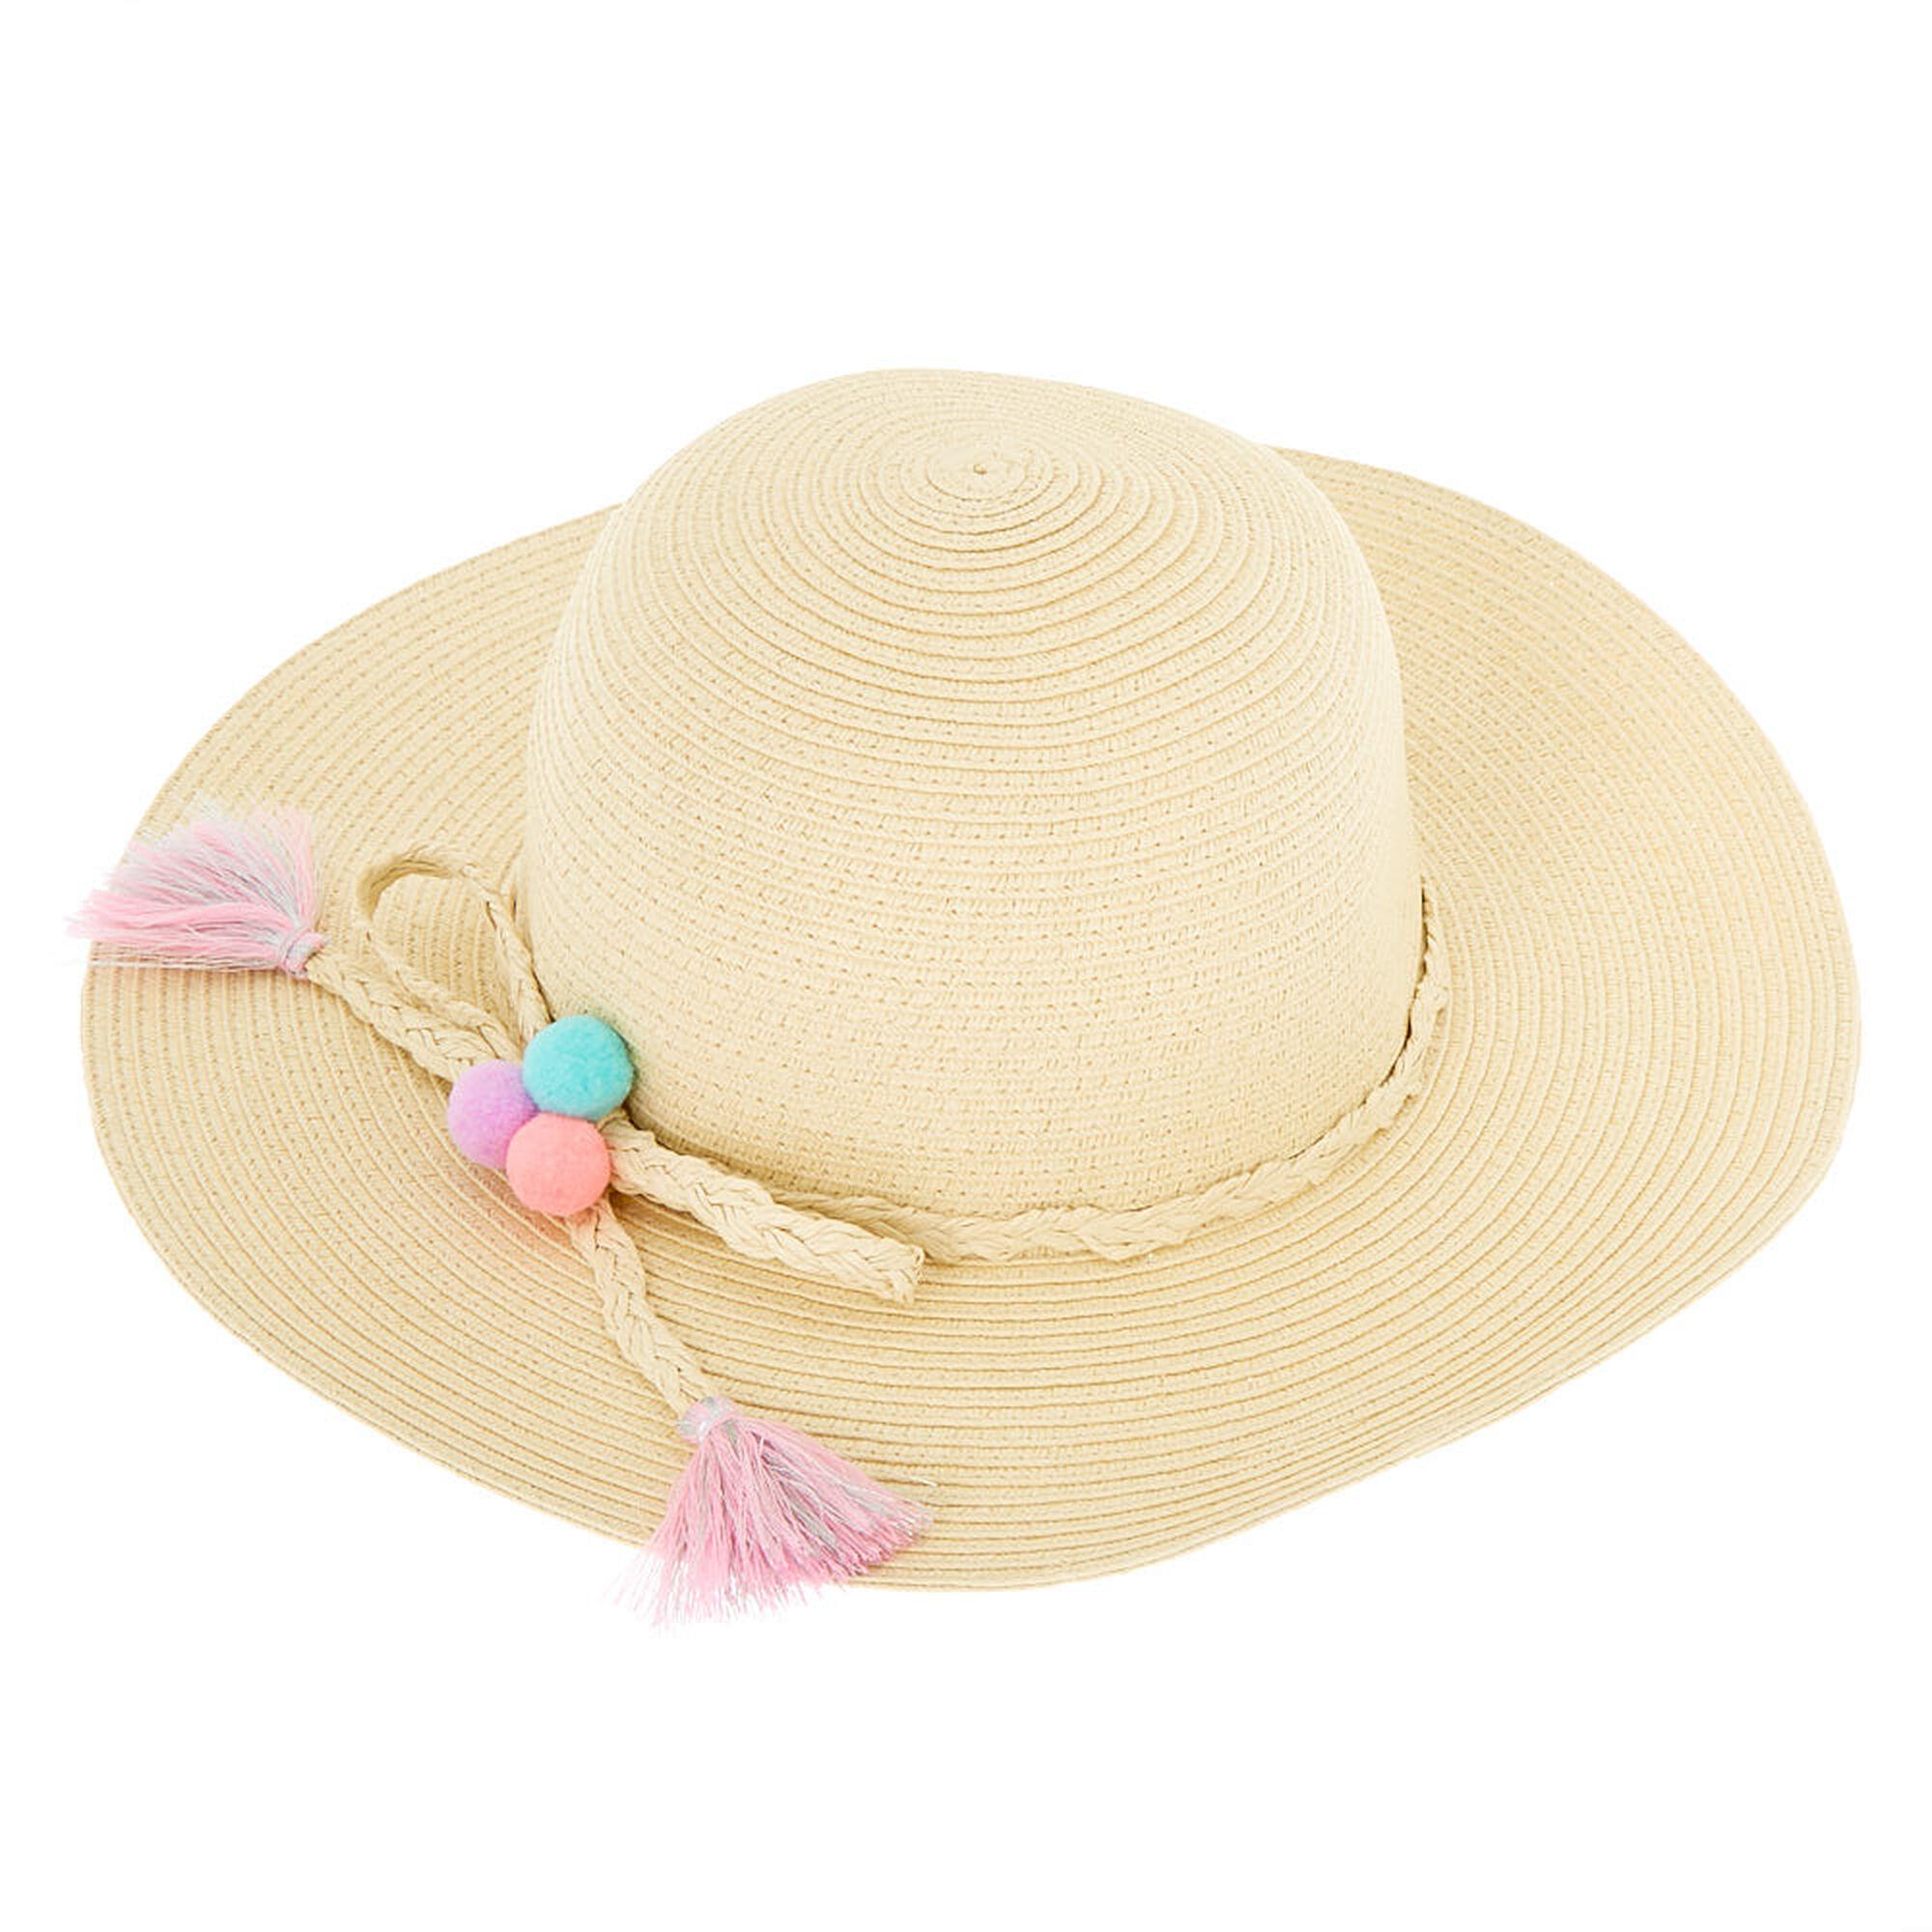 316ea31048c ... Claire  39 s Club Pom Pom Floppy Straw Hat ...